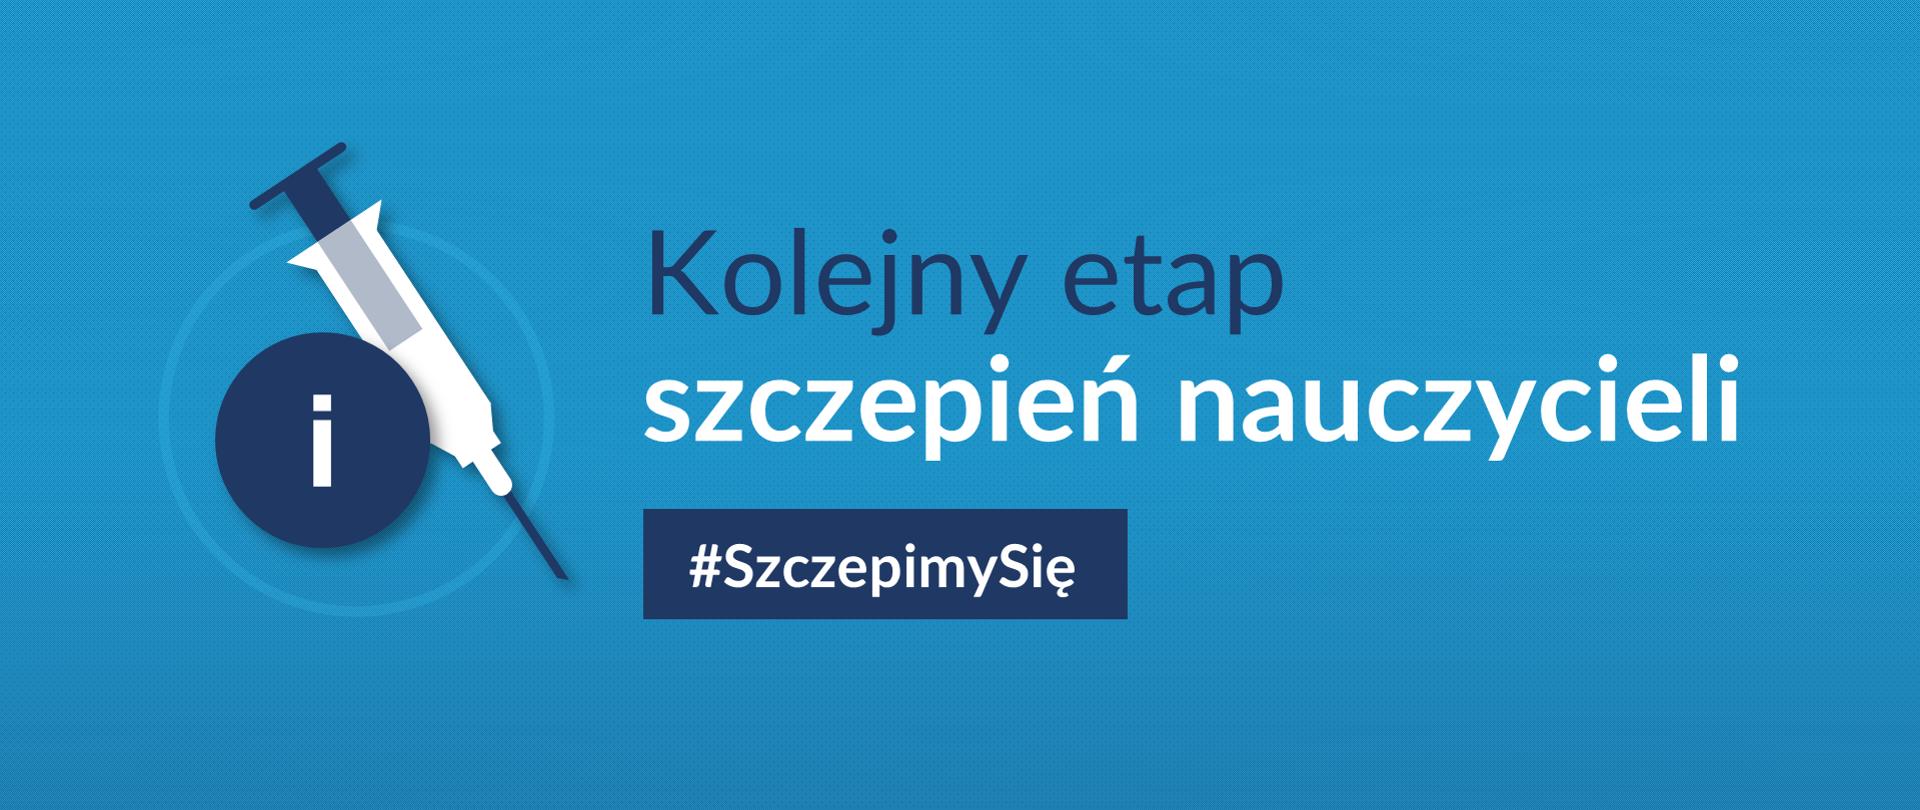 """Grafika z hasłem: """"Kolejny etap szczepień nauczycieli #SzczepimySię"""""""